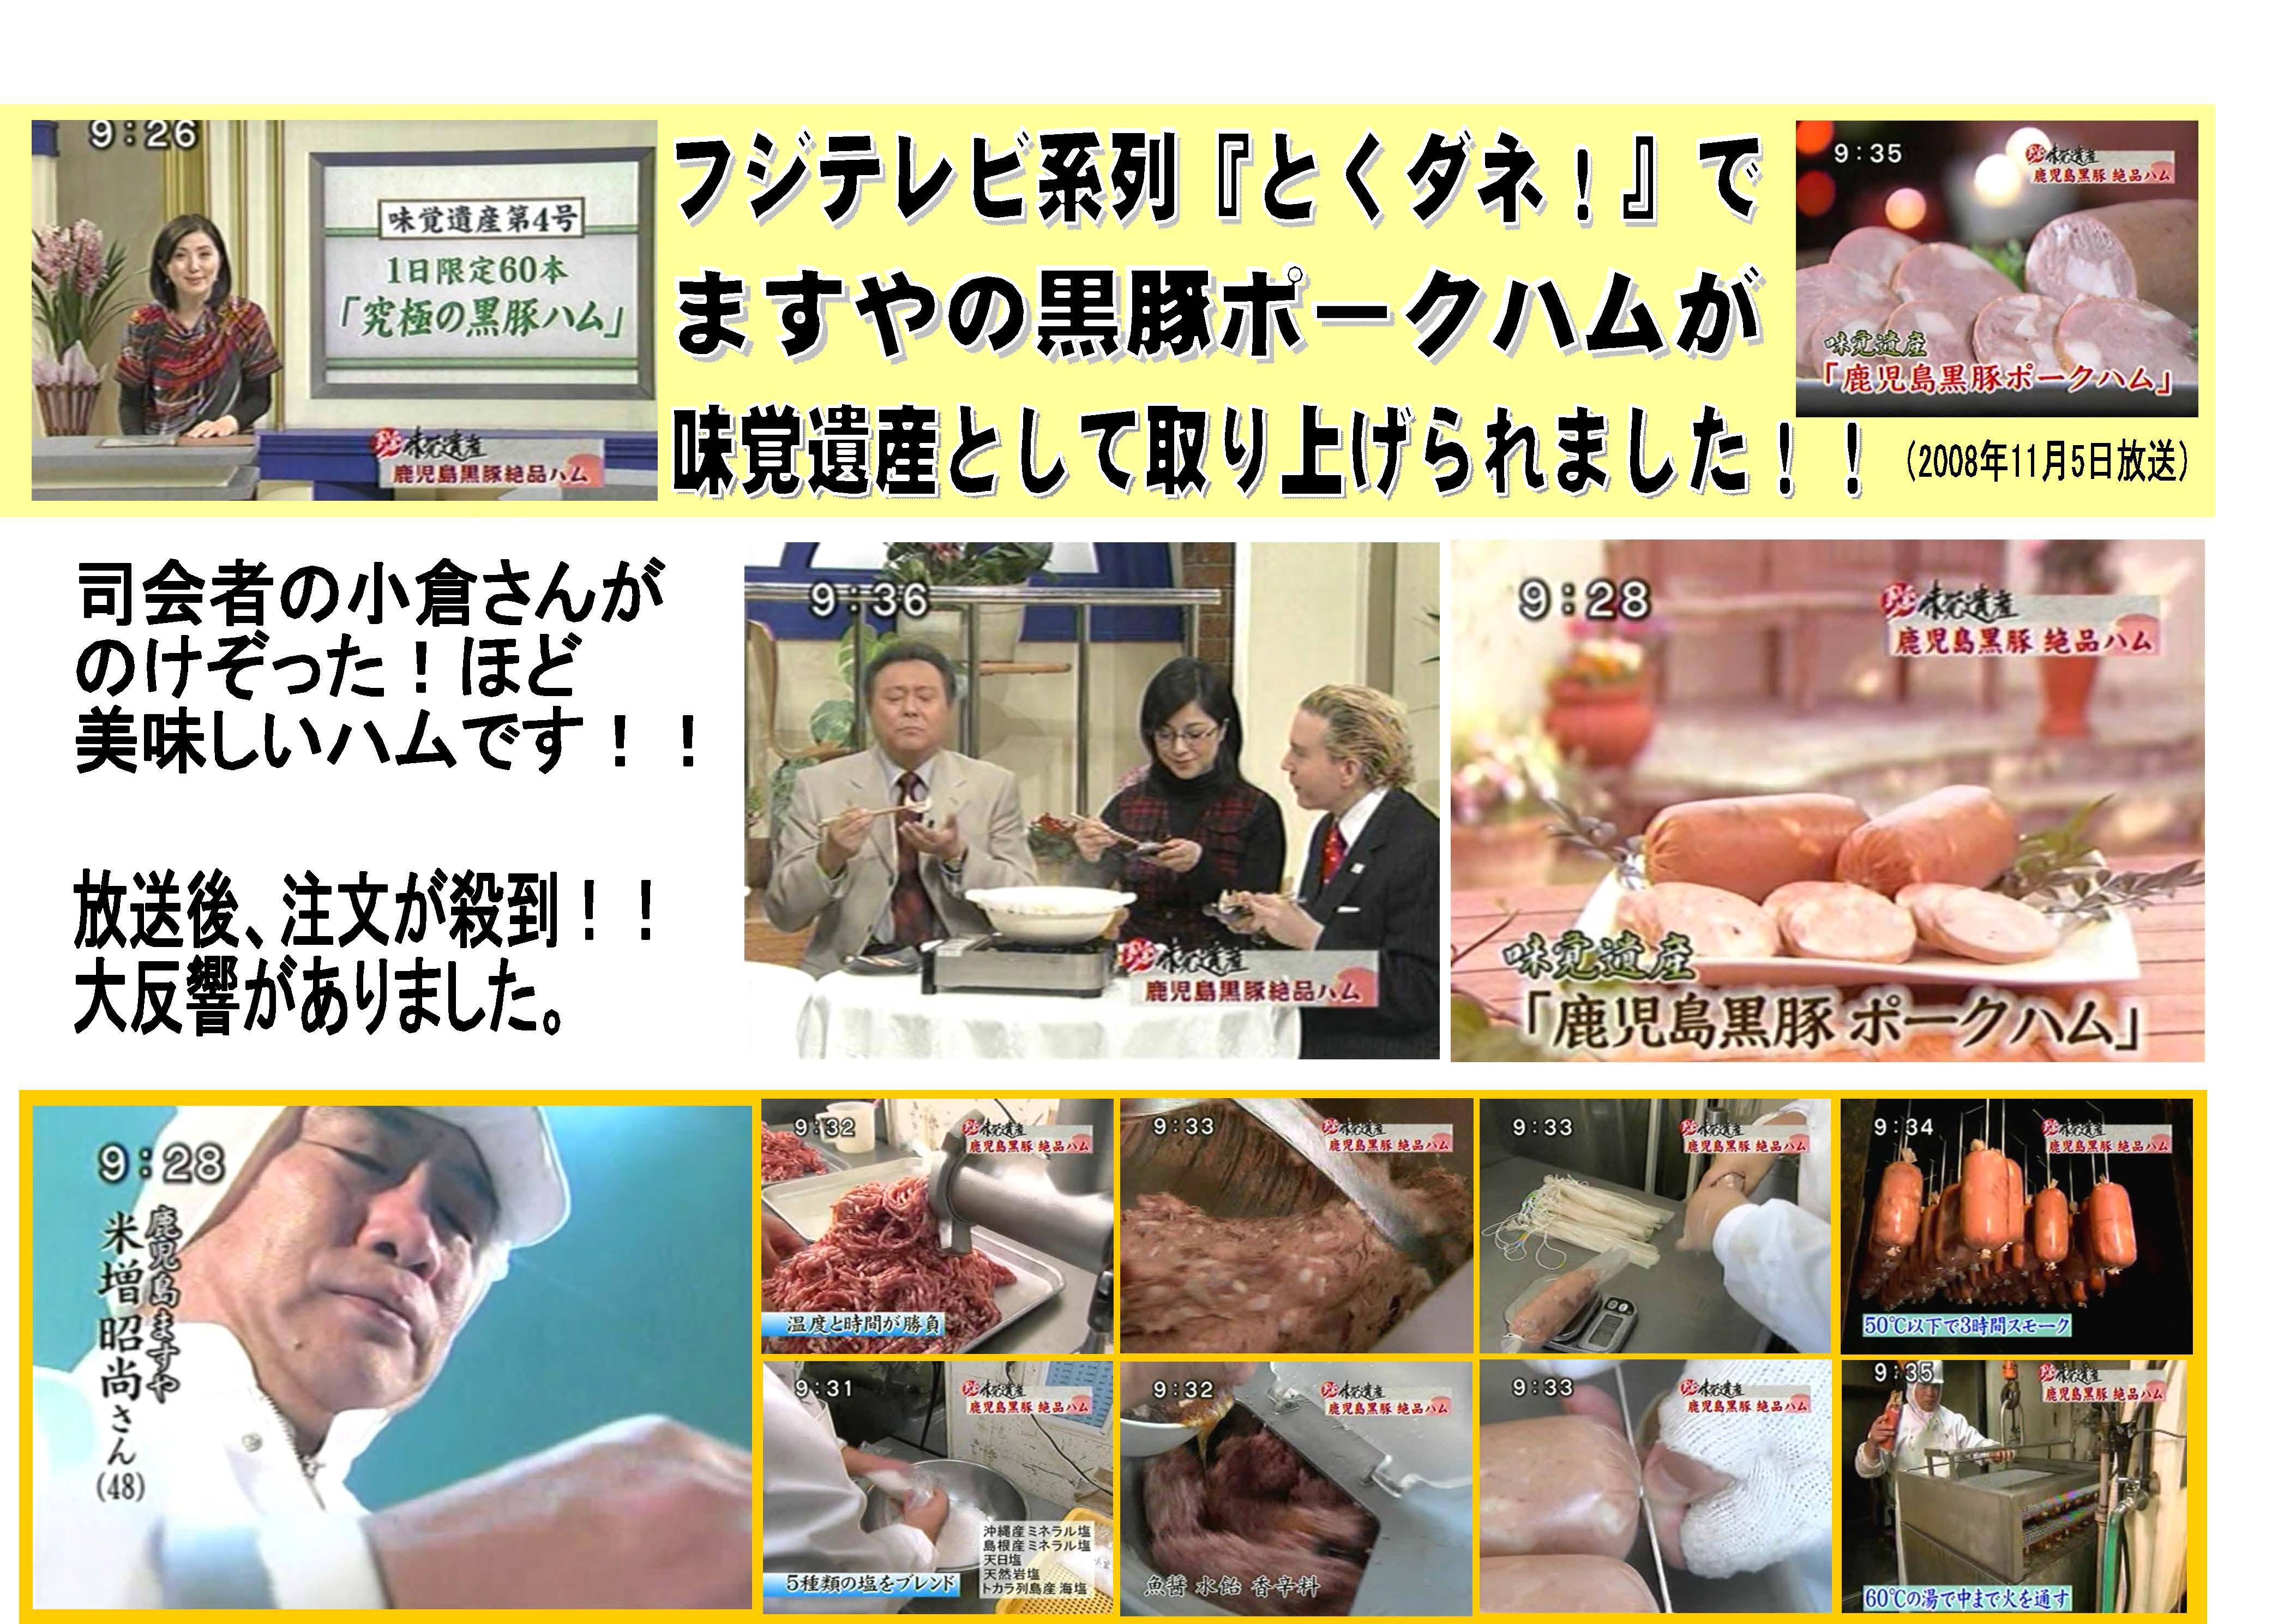 鹿児島ますやの黒豚無添加ポークハムがとくだねで取り上げていただきました。